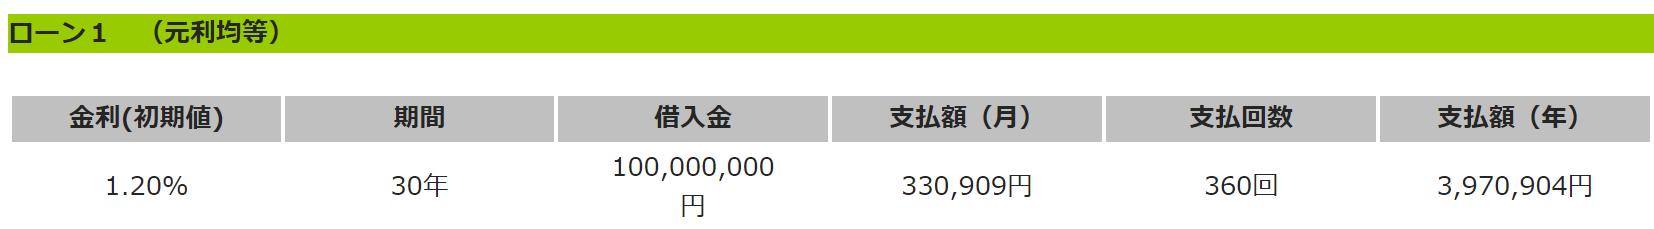 不動産投資用の1億円のローンシミュレーション